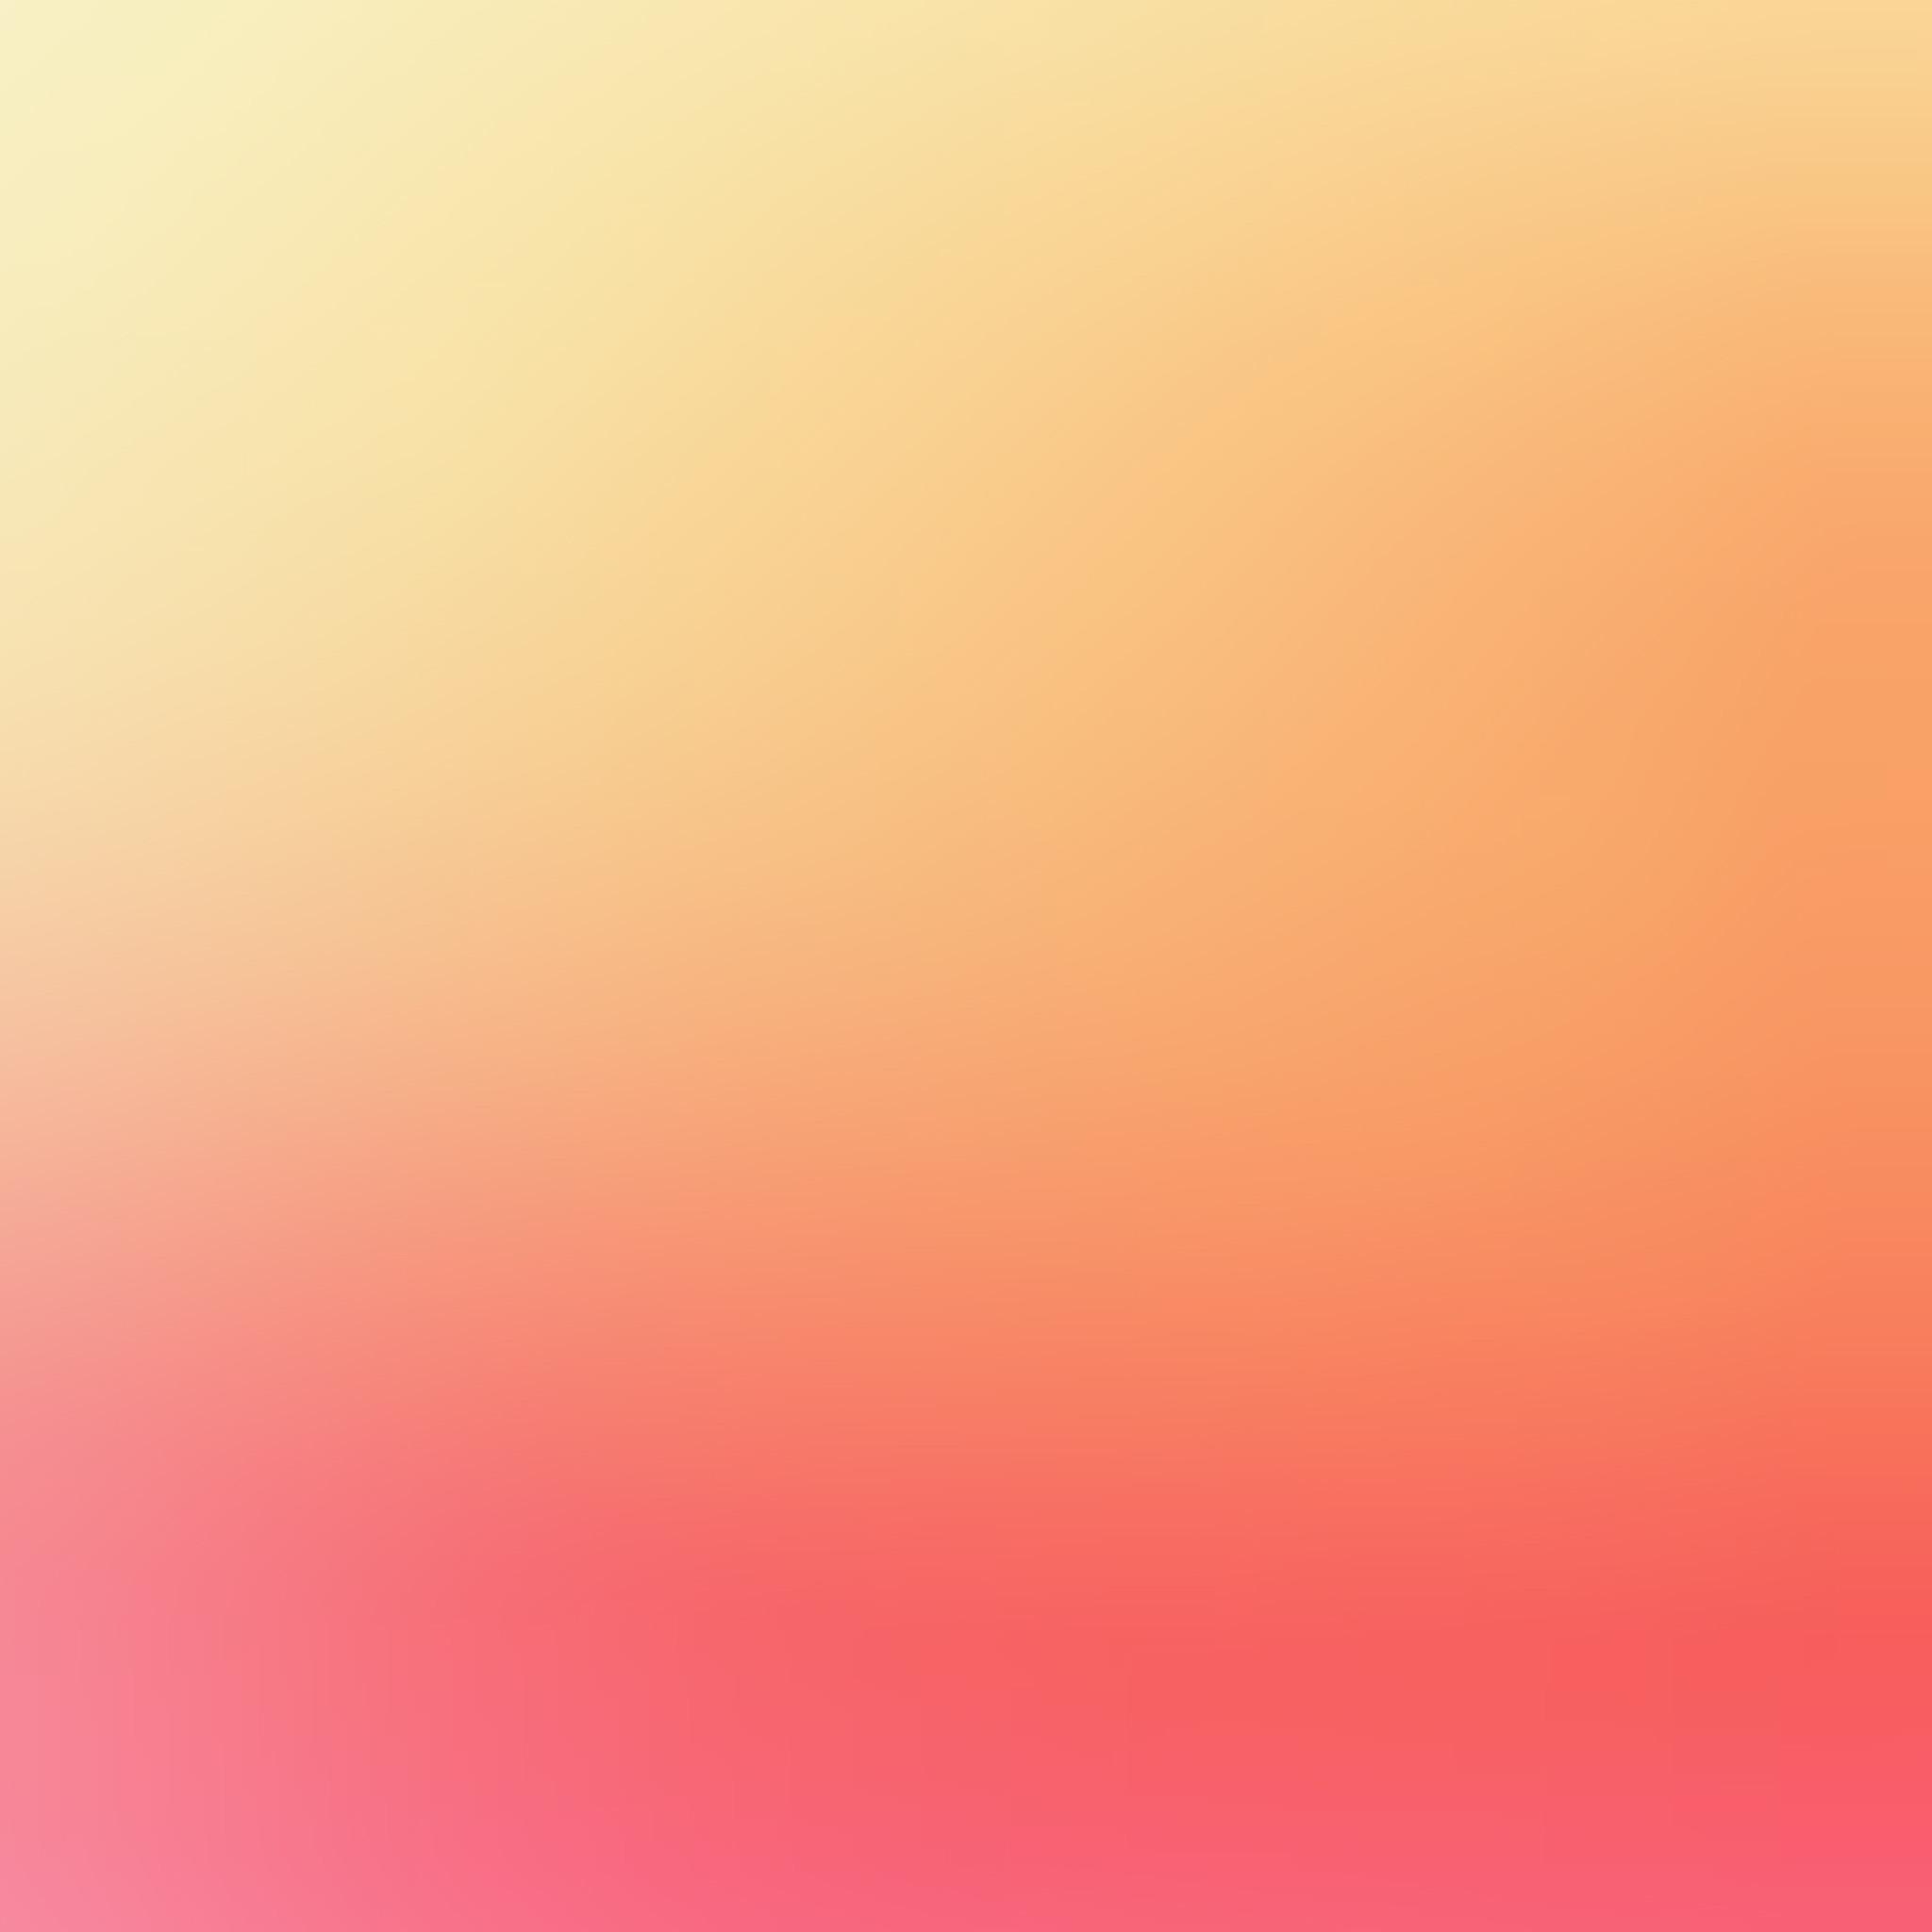 Sfondi desktop colori tenui 52 immagini for Sfondi per desktop colorati